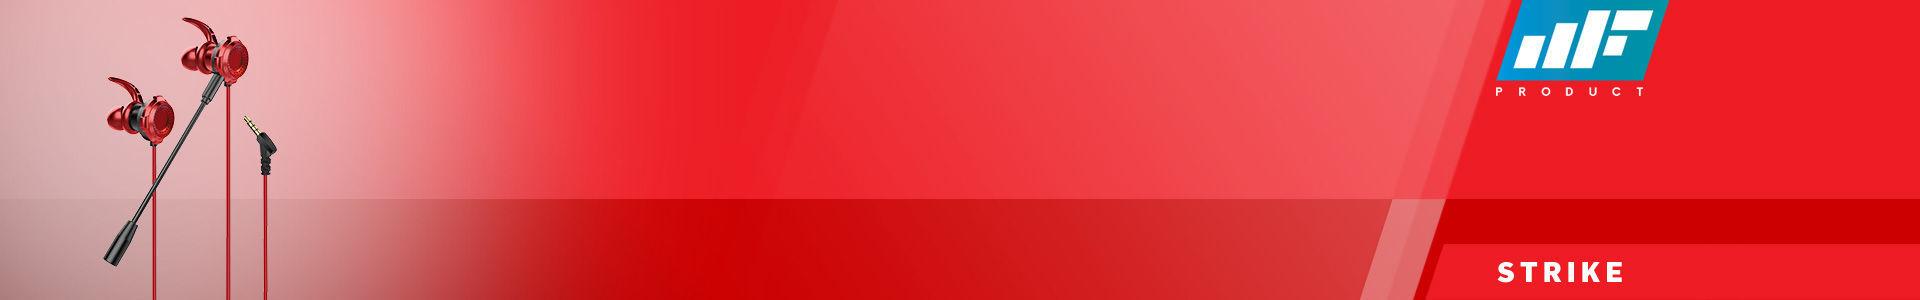 MF Product Strike 0638 Mikrofonlu Kablolu Kulak İçi Oyuncu Kulaklığı Kırmızı, hemen al hemen gelsin!